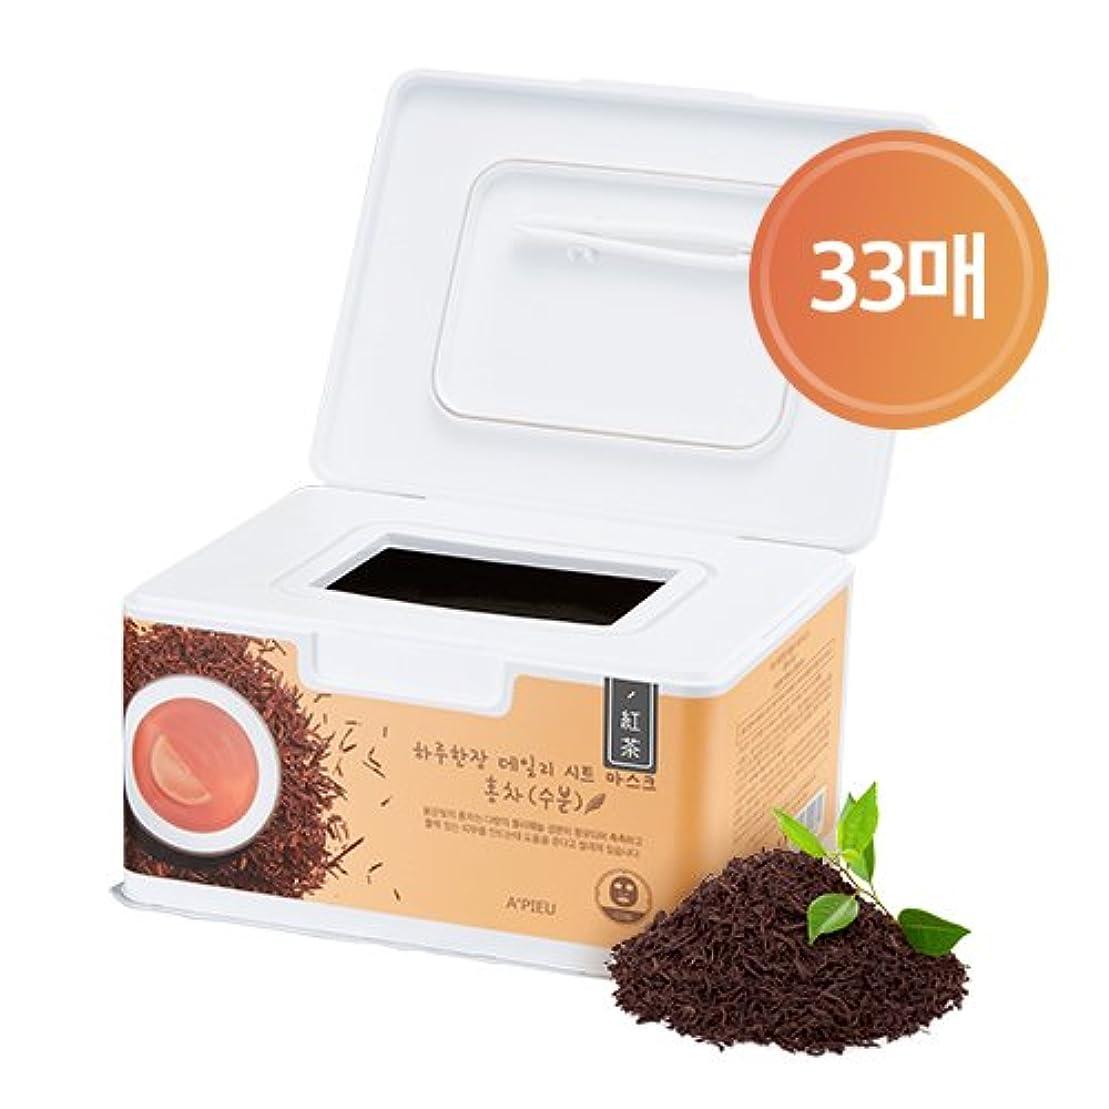 性格ボルト腹痛APIEU DAILY Sheet Mask _ Black Tea (Hydrating) / [オピュ/アピュ] デイリーシートマスク_紅茶(ハイドレーティング) [並行輸入品]